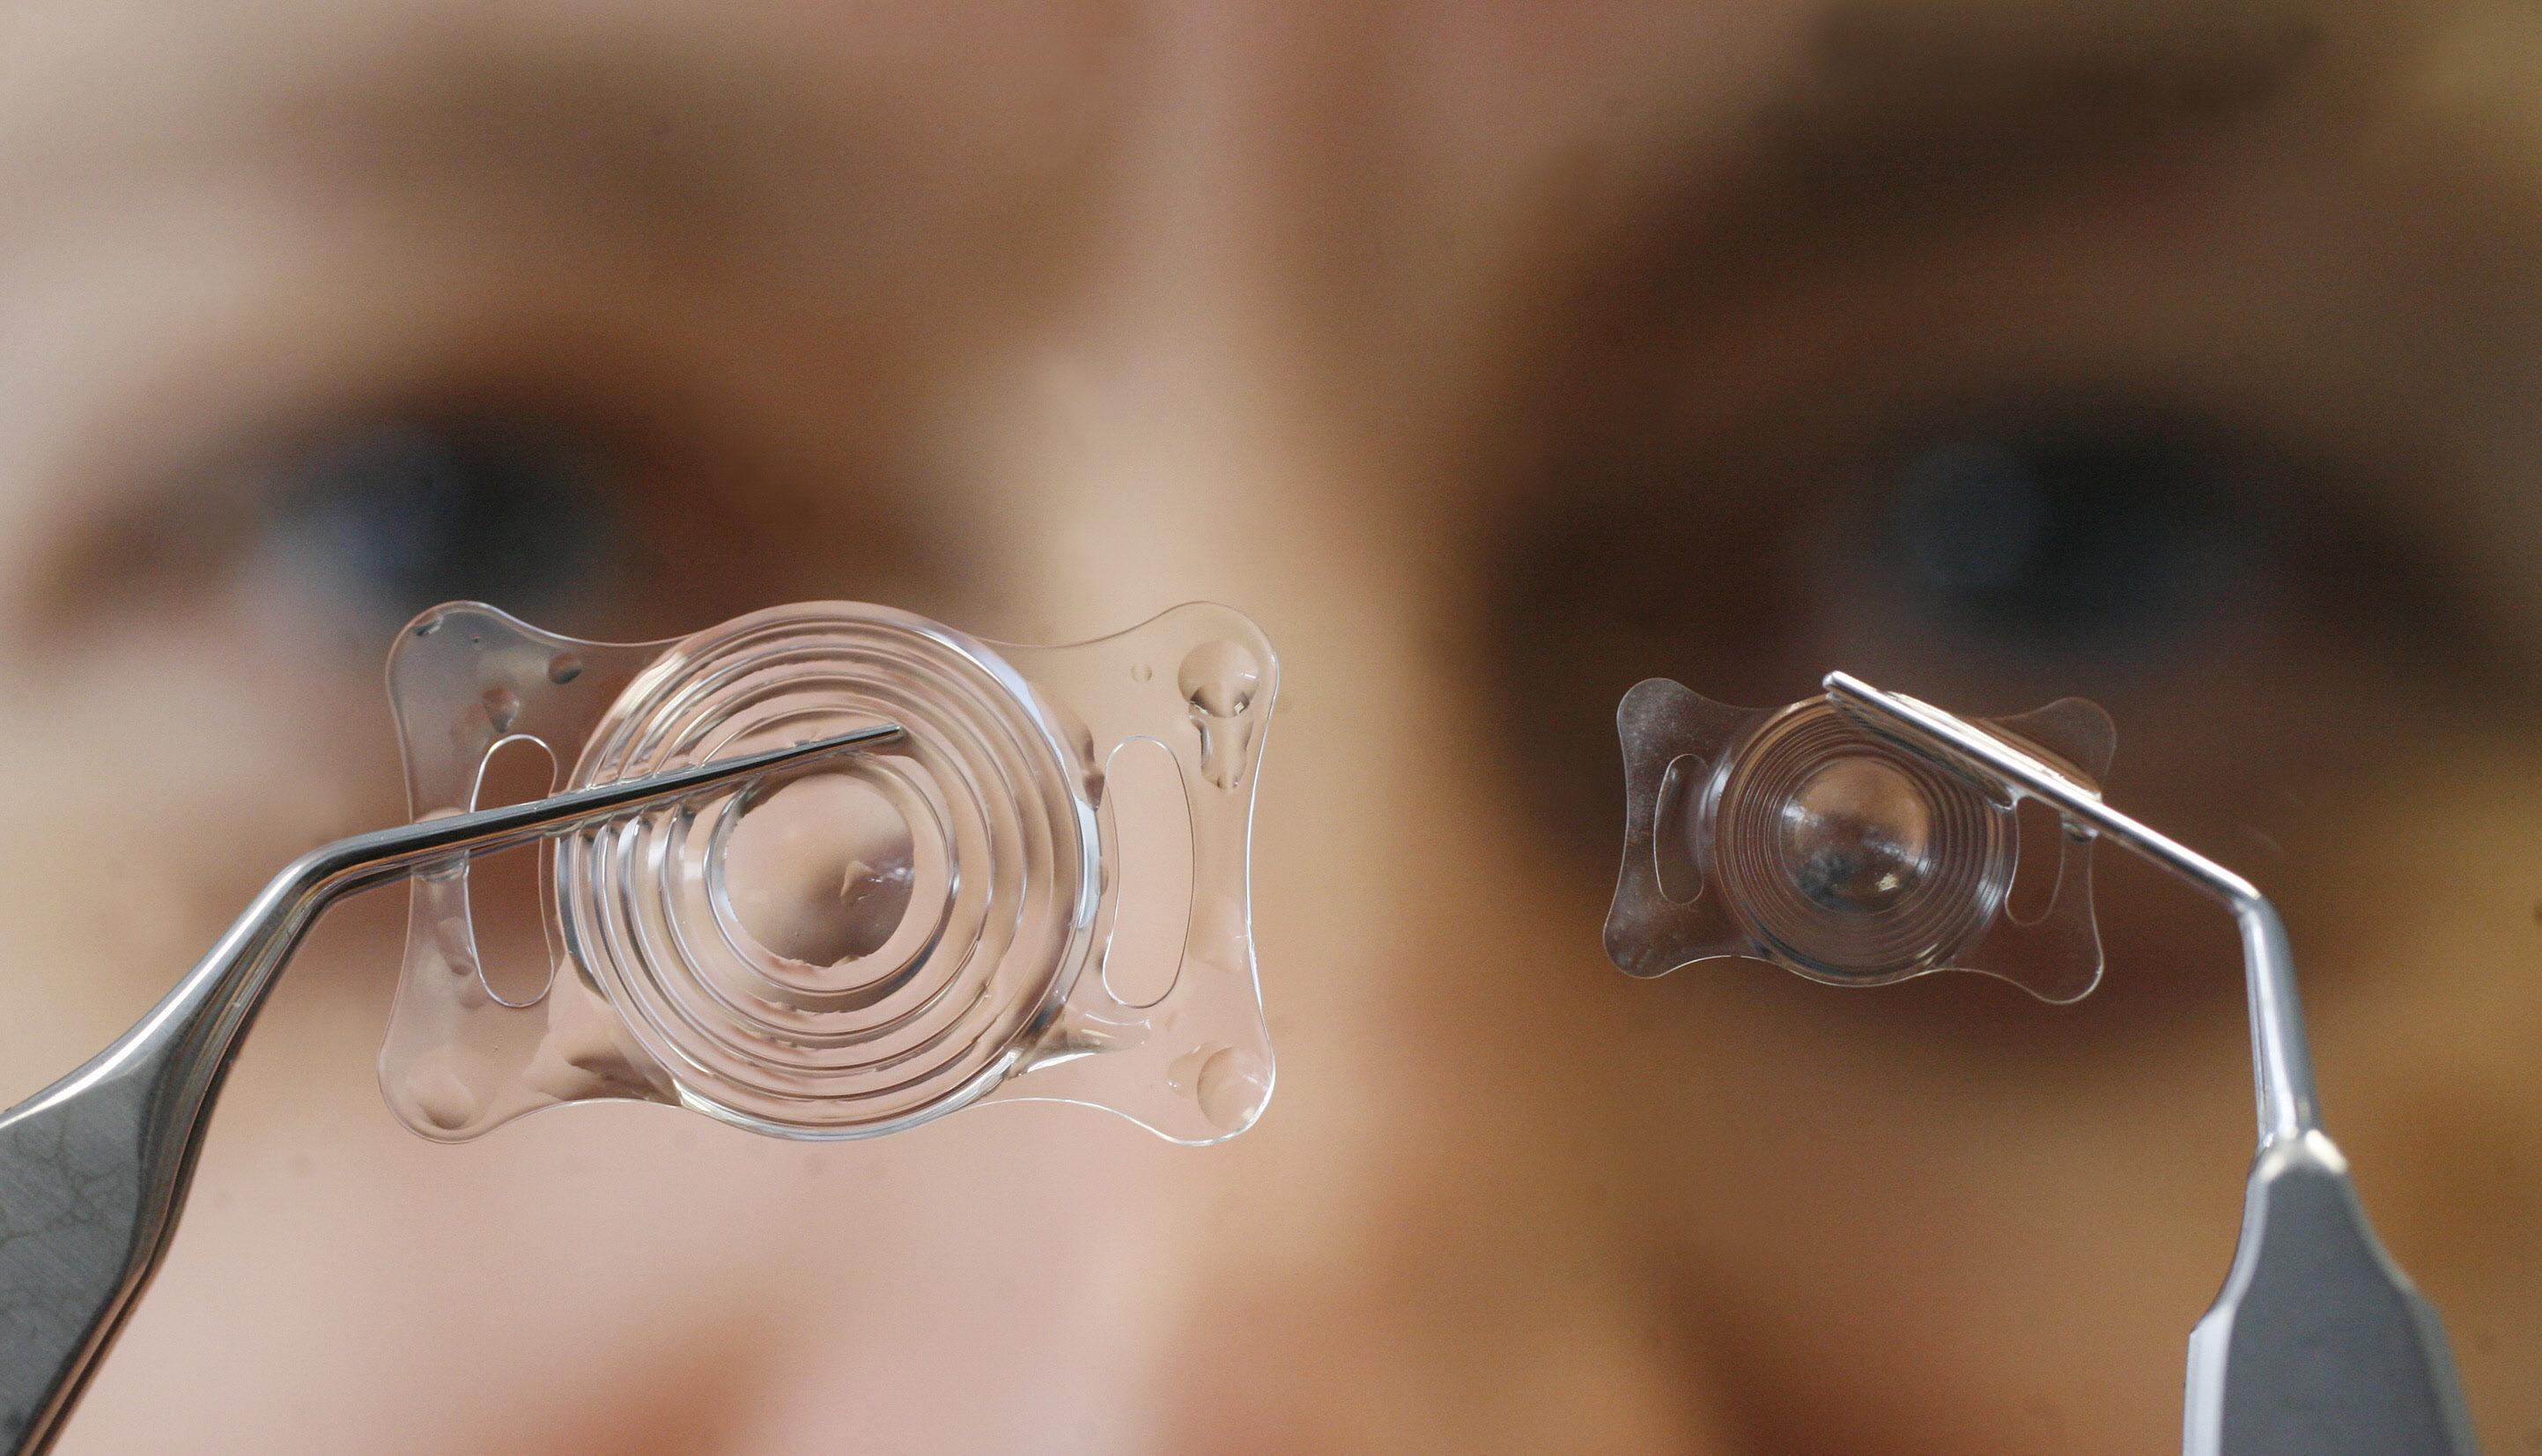 СМС смогут проецироваться прямо на внутреннюю поверхность контактных линз